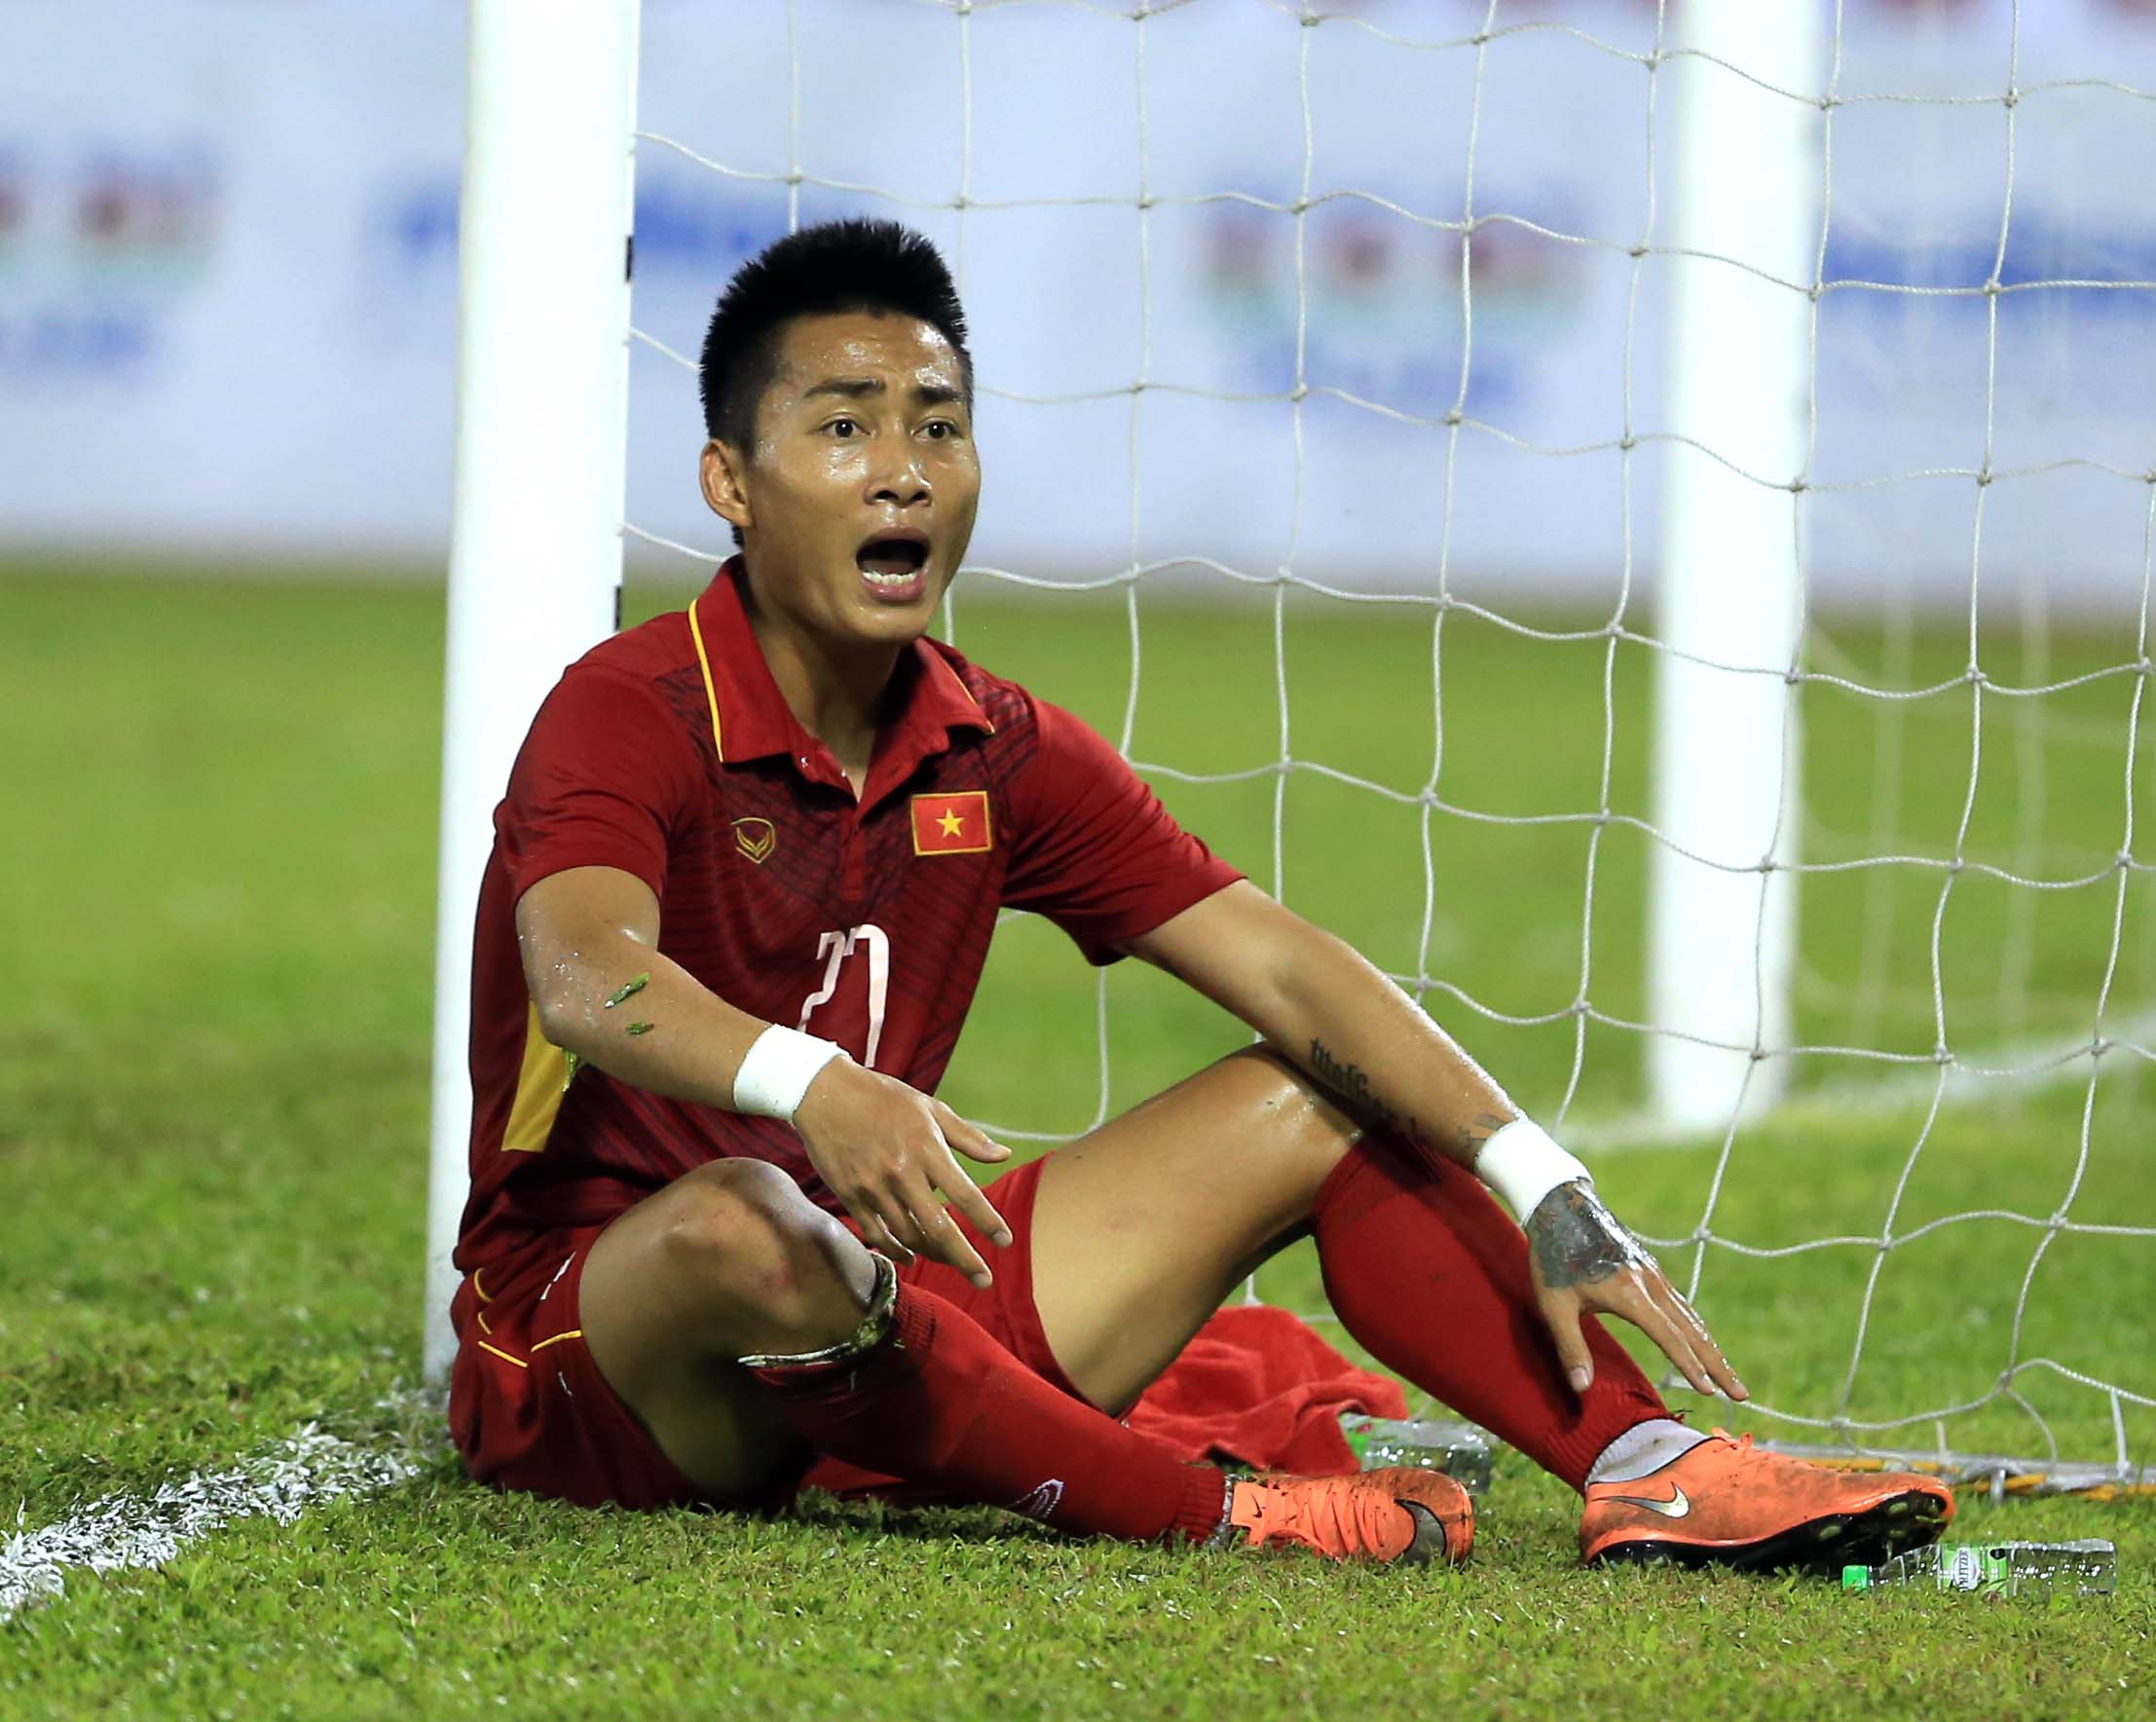 Sau tất cả, Hồ Tuấn Tài viết tâm thư cảm động xin lỗi NHM sau thất bại tại SEA Games 29